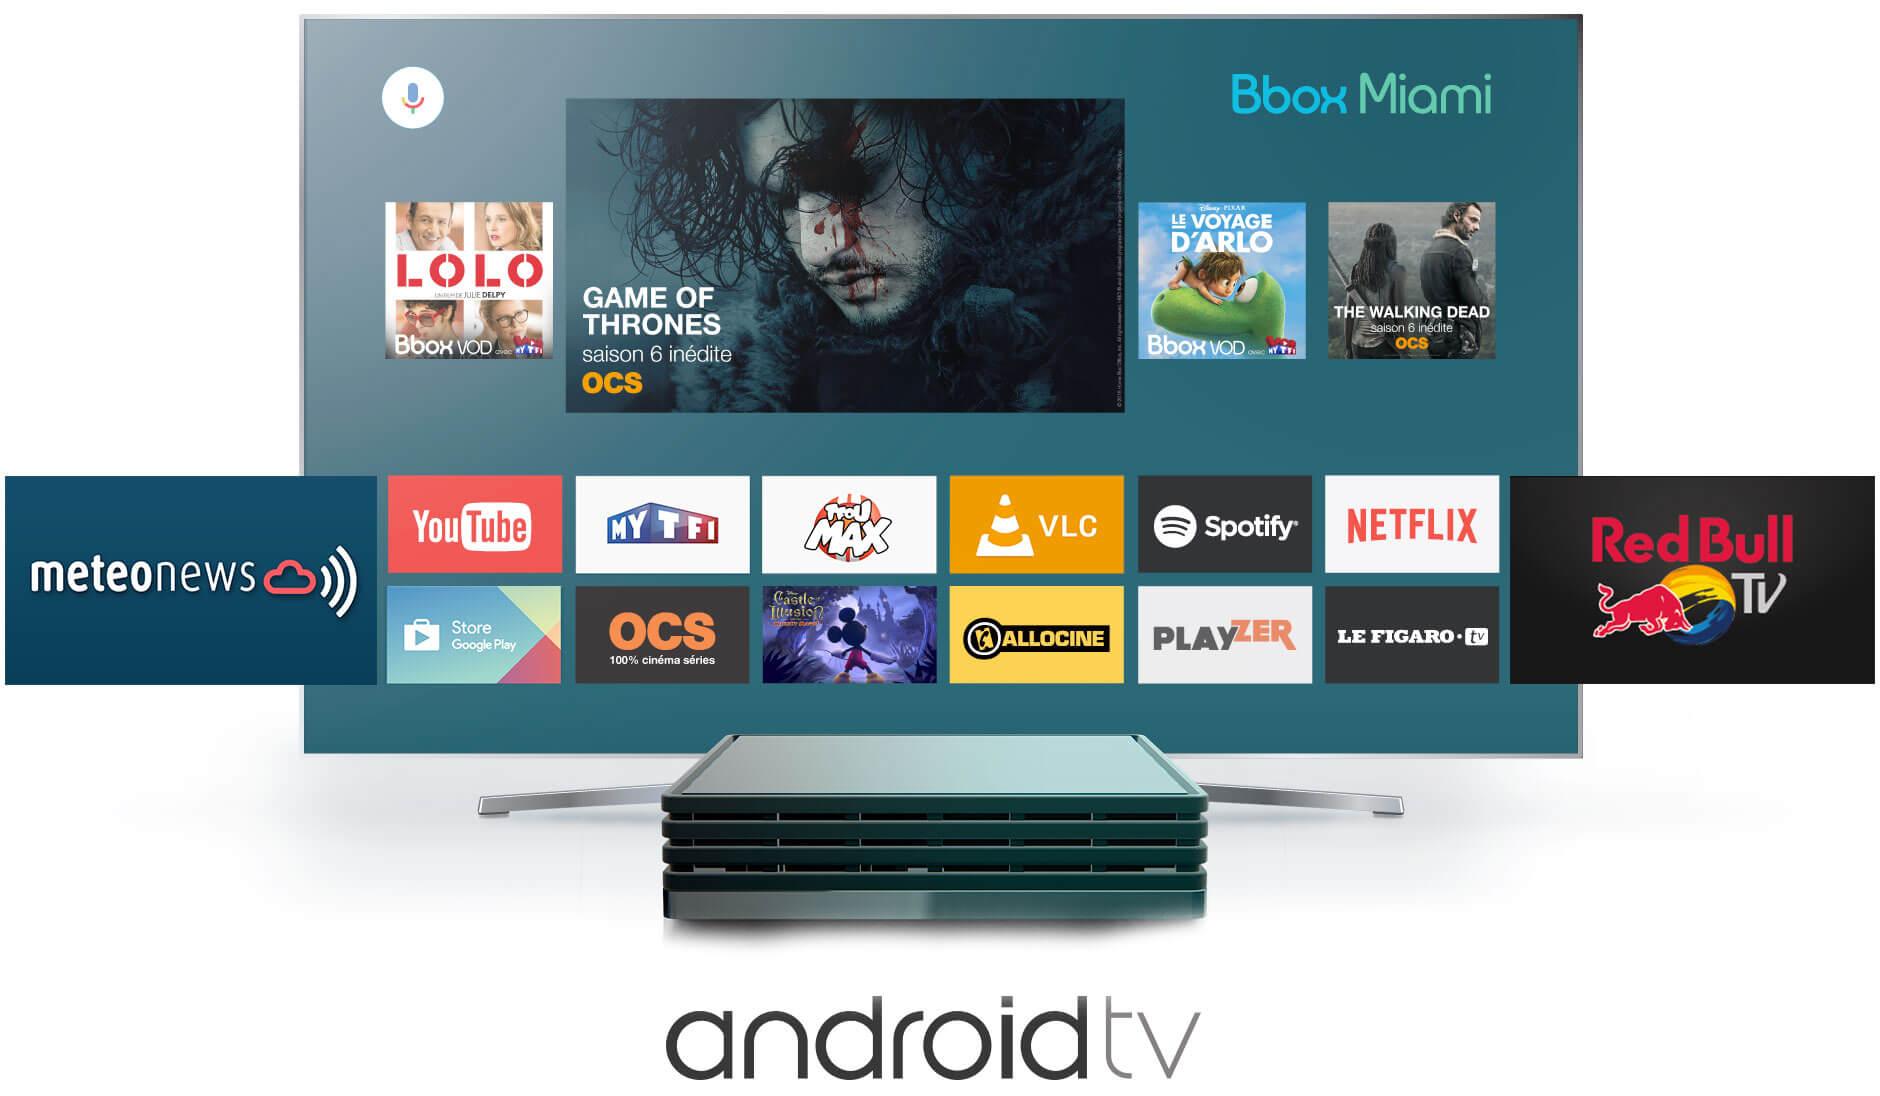 Exclusif : Le Multi TV Bbox Miami ne sera plus réservé aux abonnés fibre